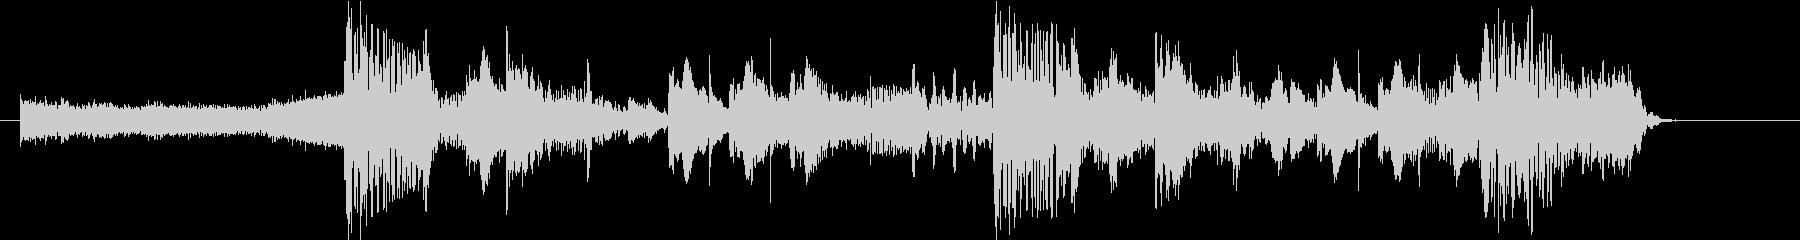 重低音のパワフルなダブステップロゴ!の未再生の波形